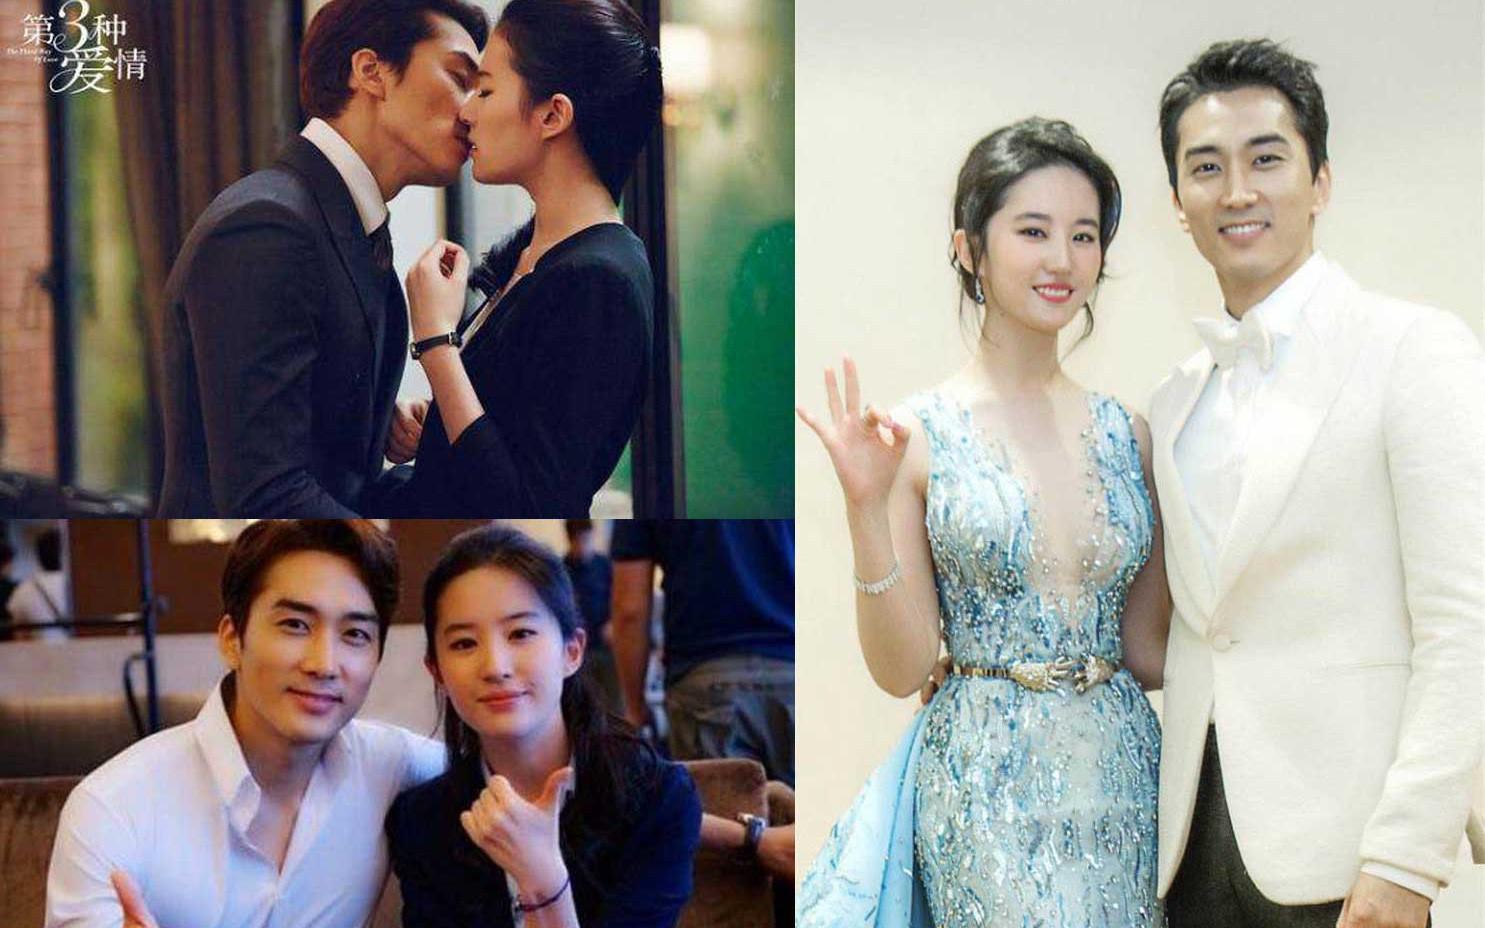 Ngay cả gout thời trang cũng ăn ý và hòa hợp thế này, sao đã vội chia tay thế Lưu Diệc Phi và Song Seung Hun?